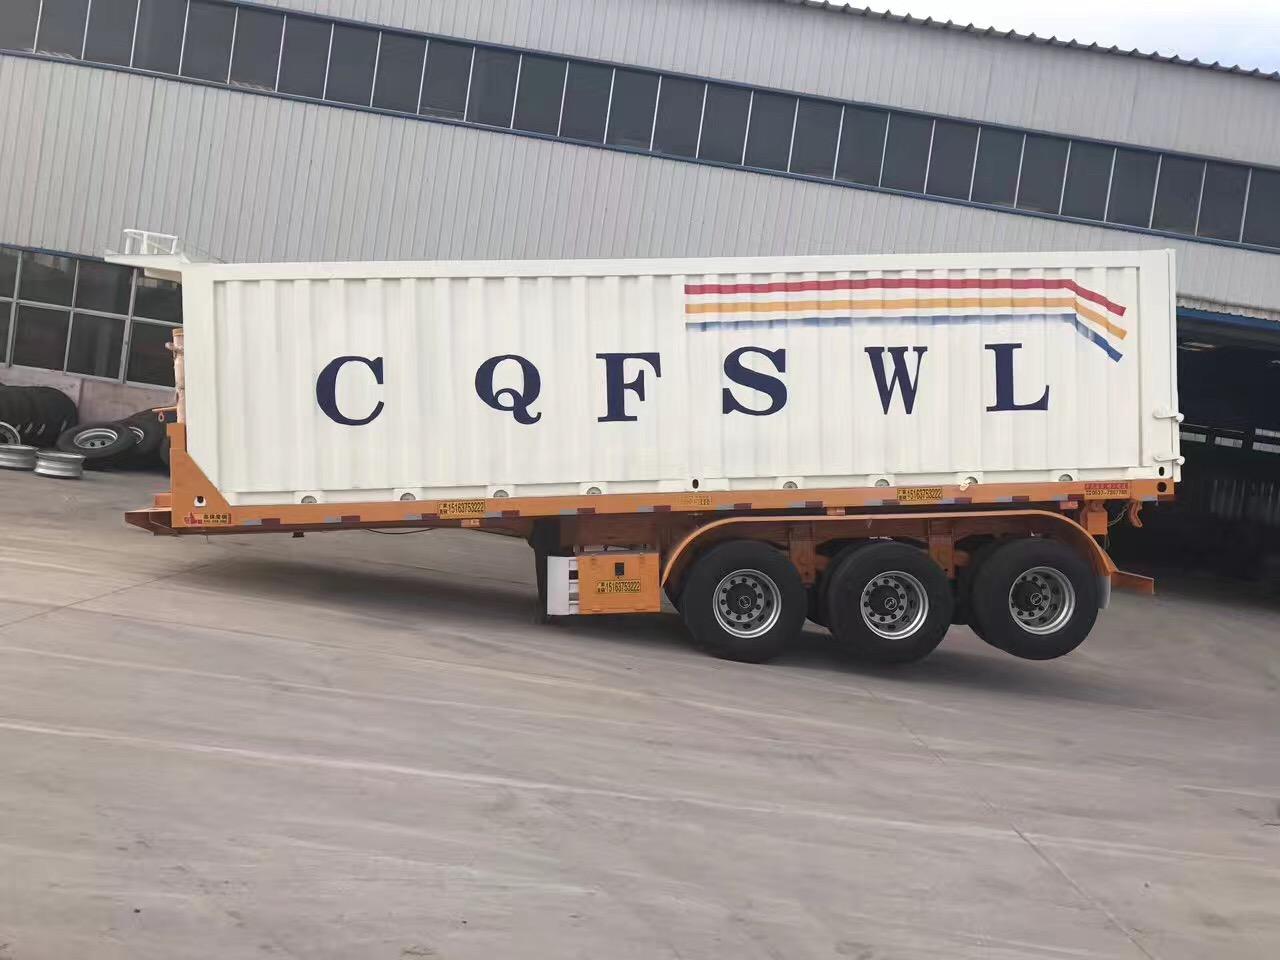 后翻自卸货箱 板样车展示介绍-重庆丰圣物流有限公司